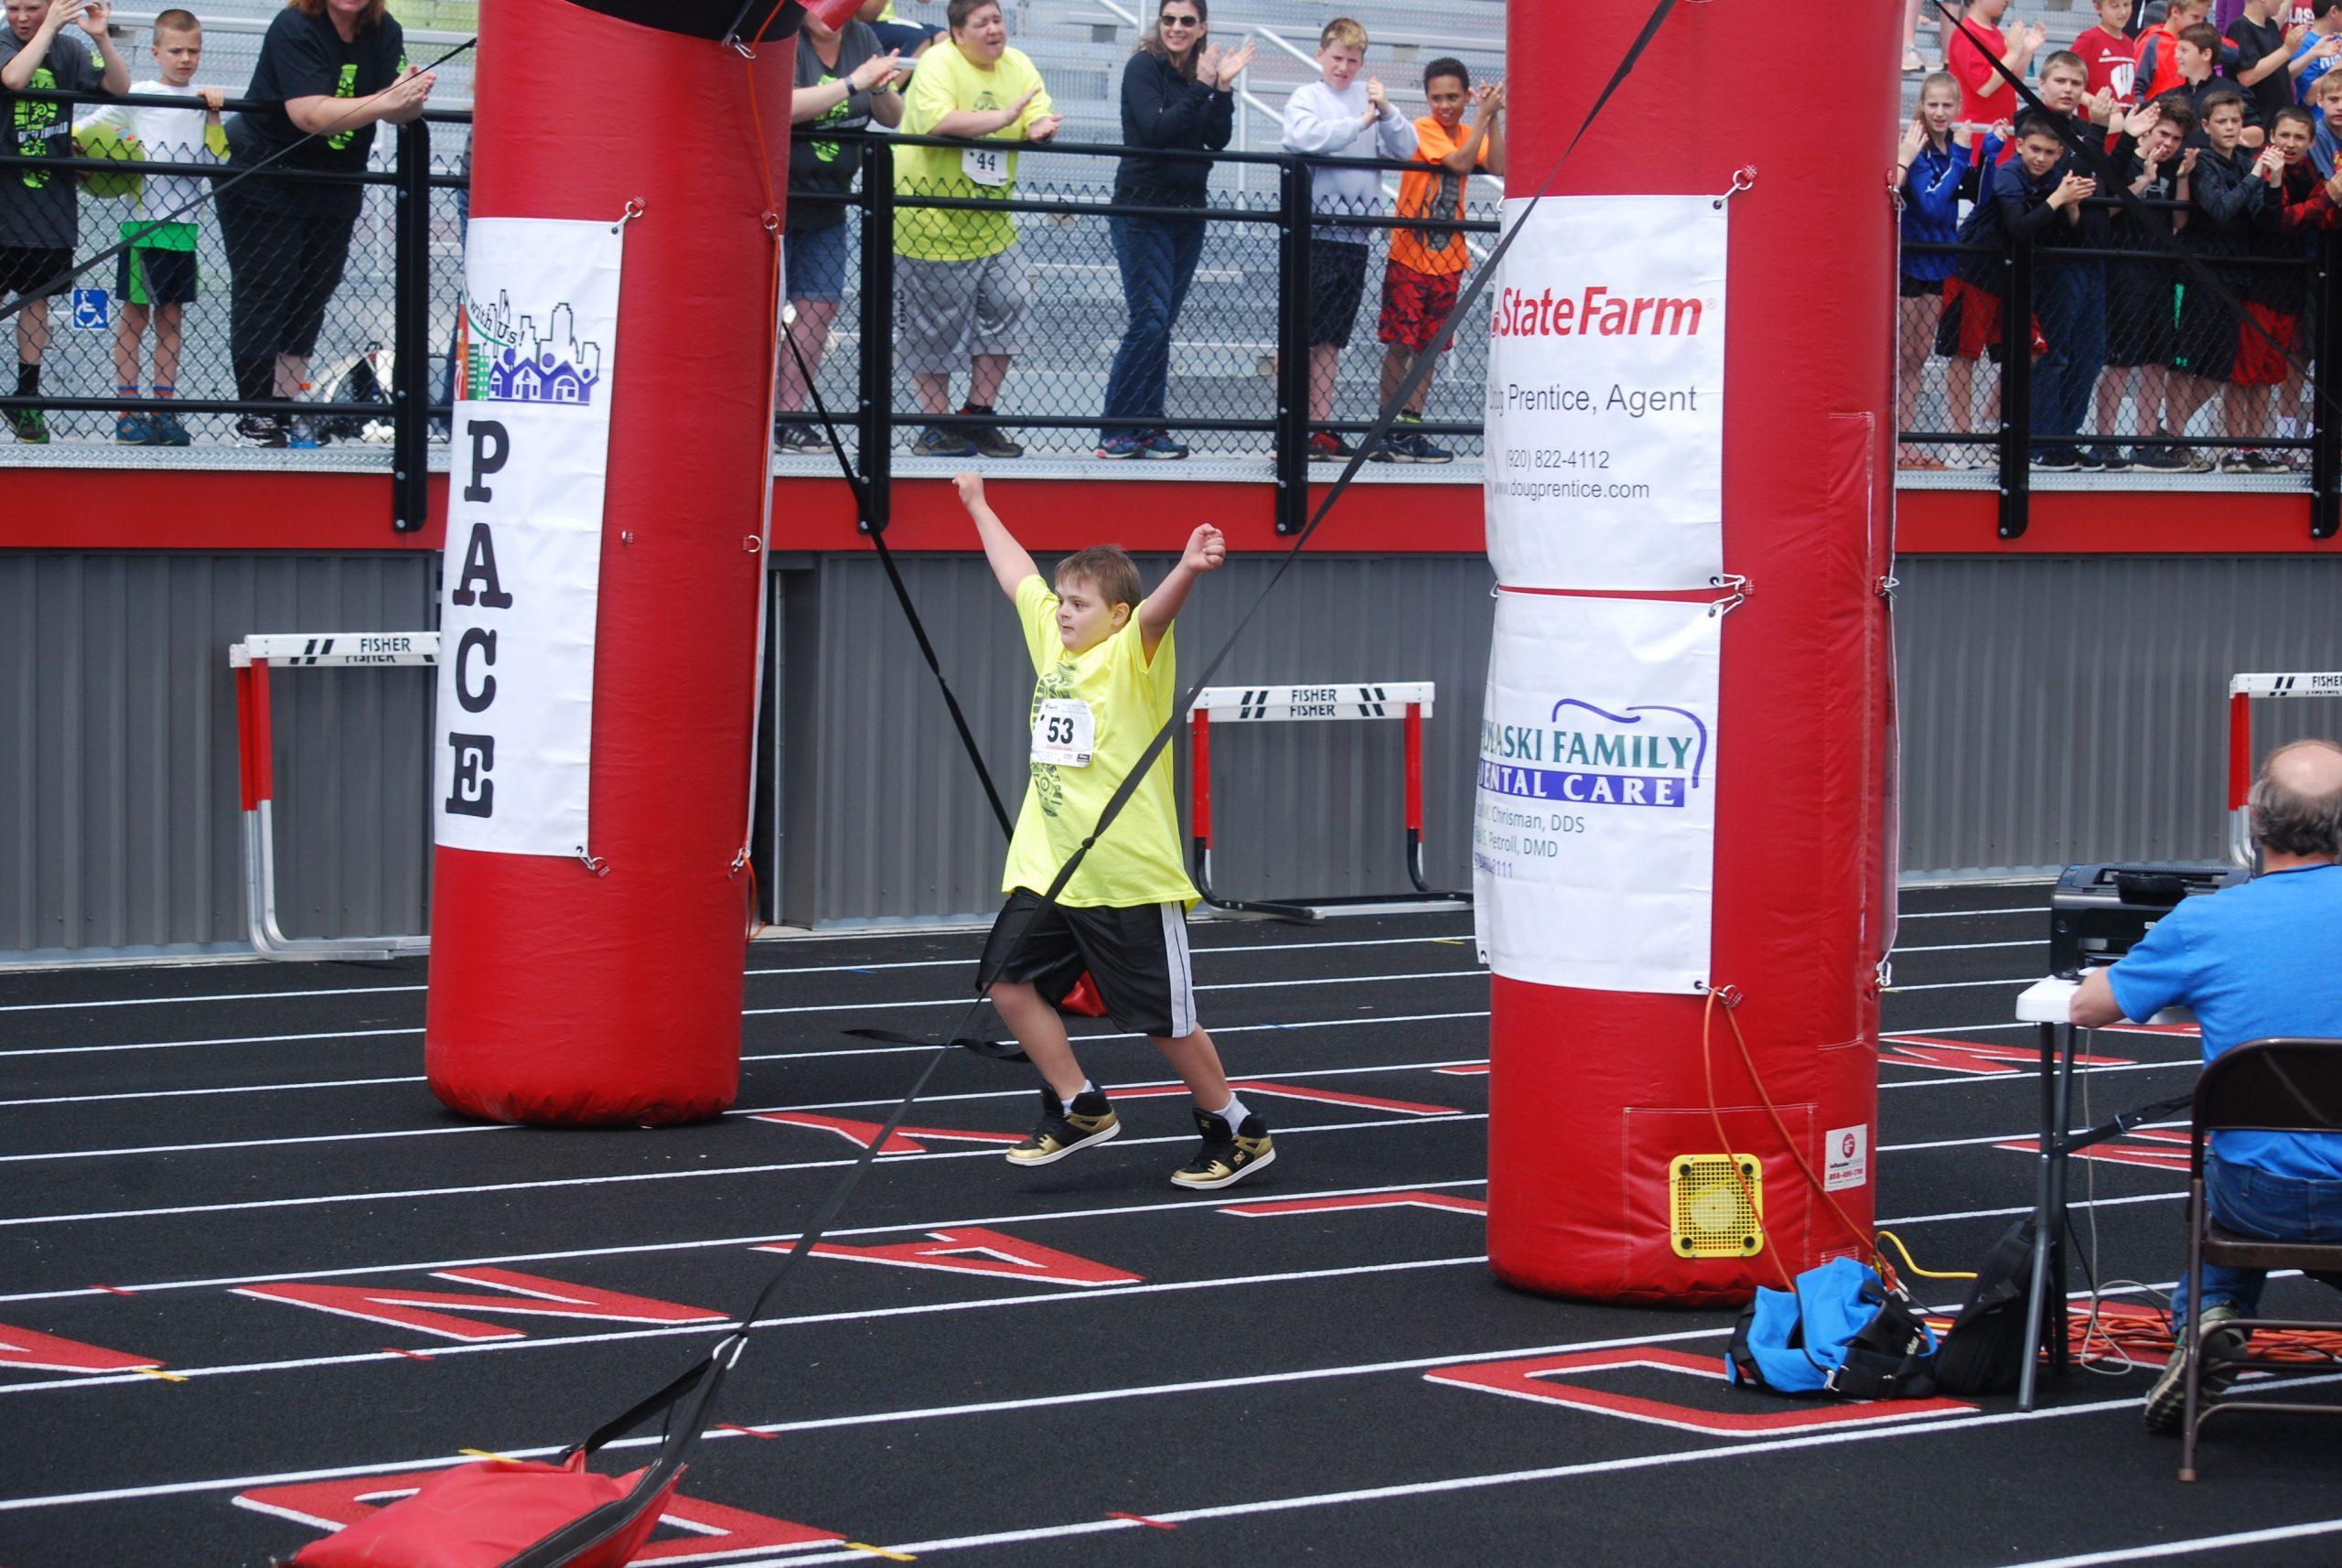 Goody Triathlon in Pulaski continues success